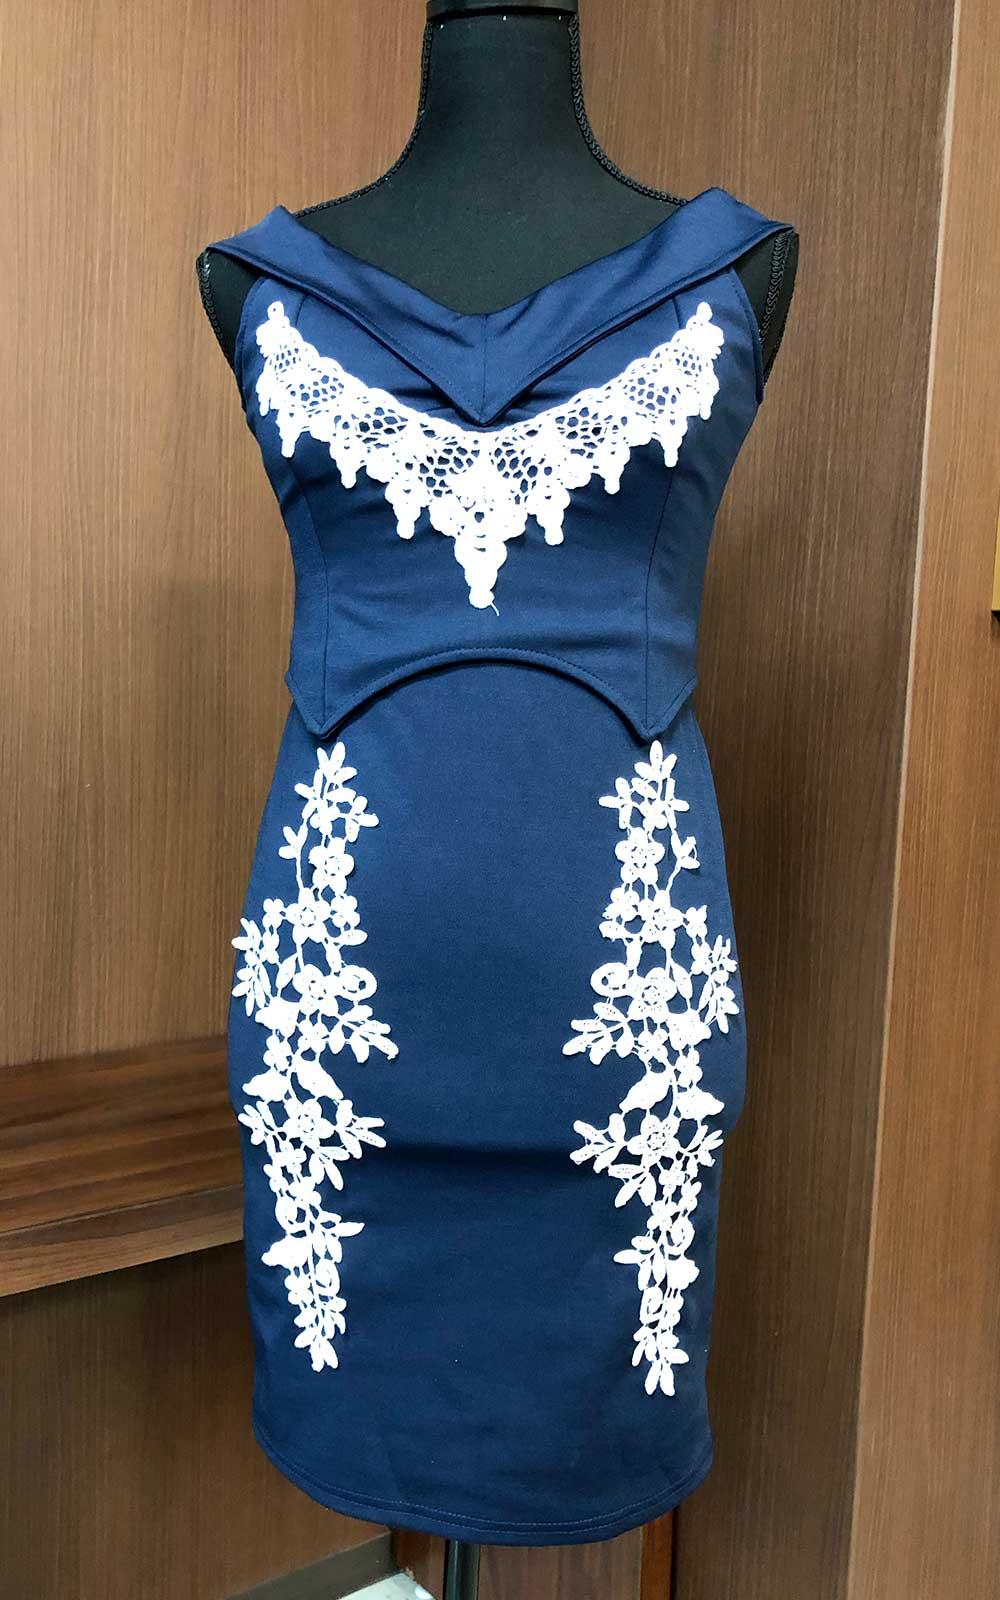 格調高いディープブルーに胸元のレースがキレイに映えるドレス